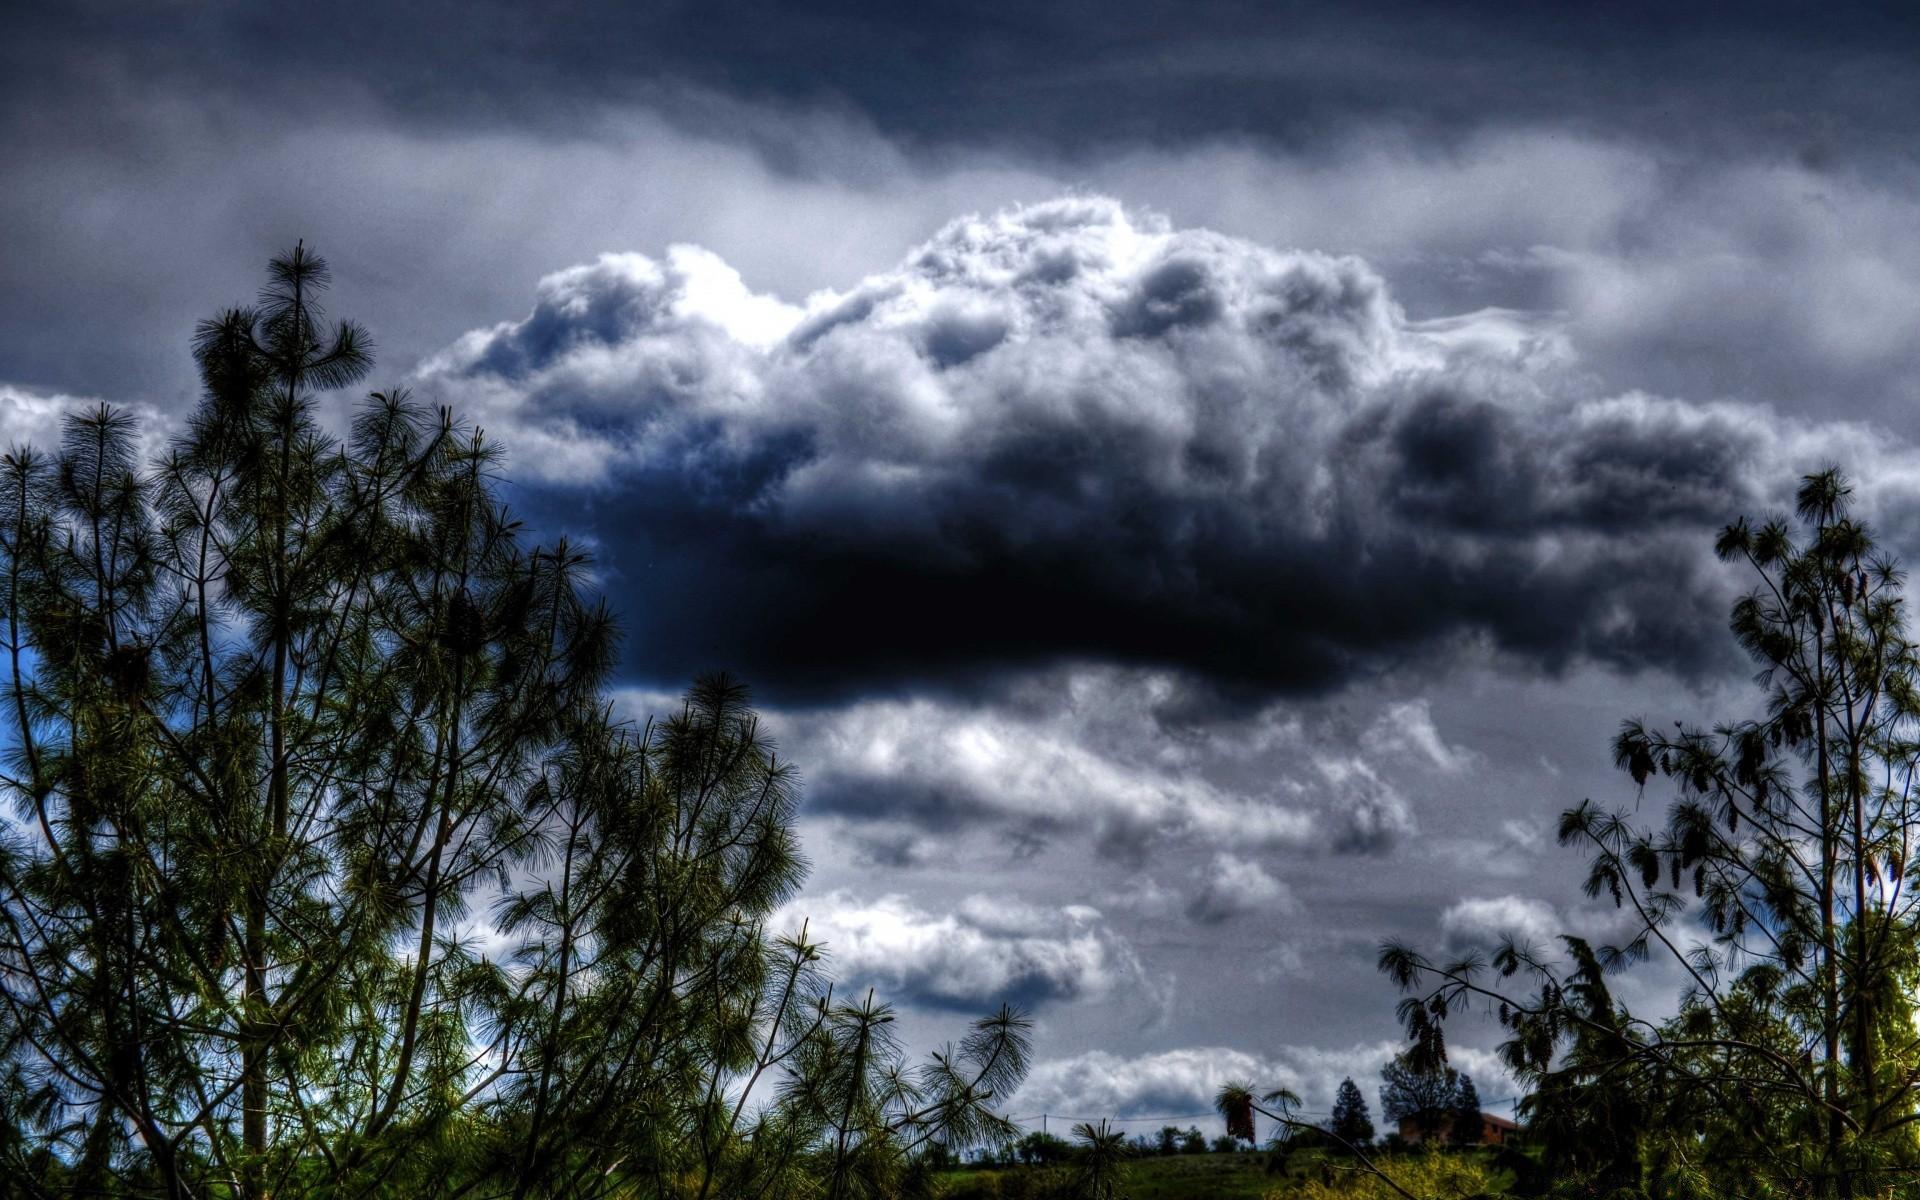 его конце красивые картинки пасмурной погоды при жизни